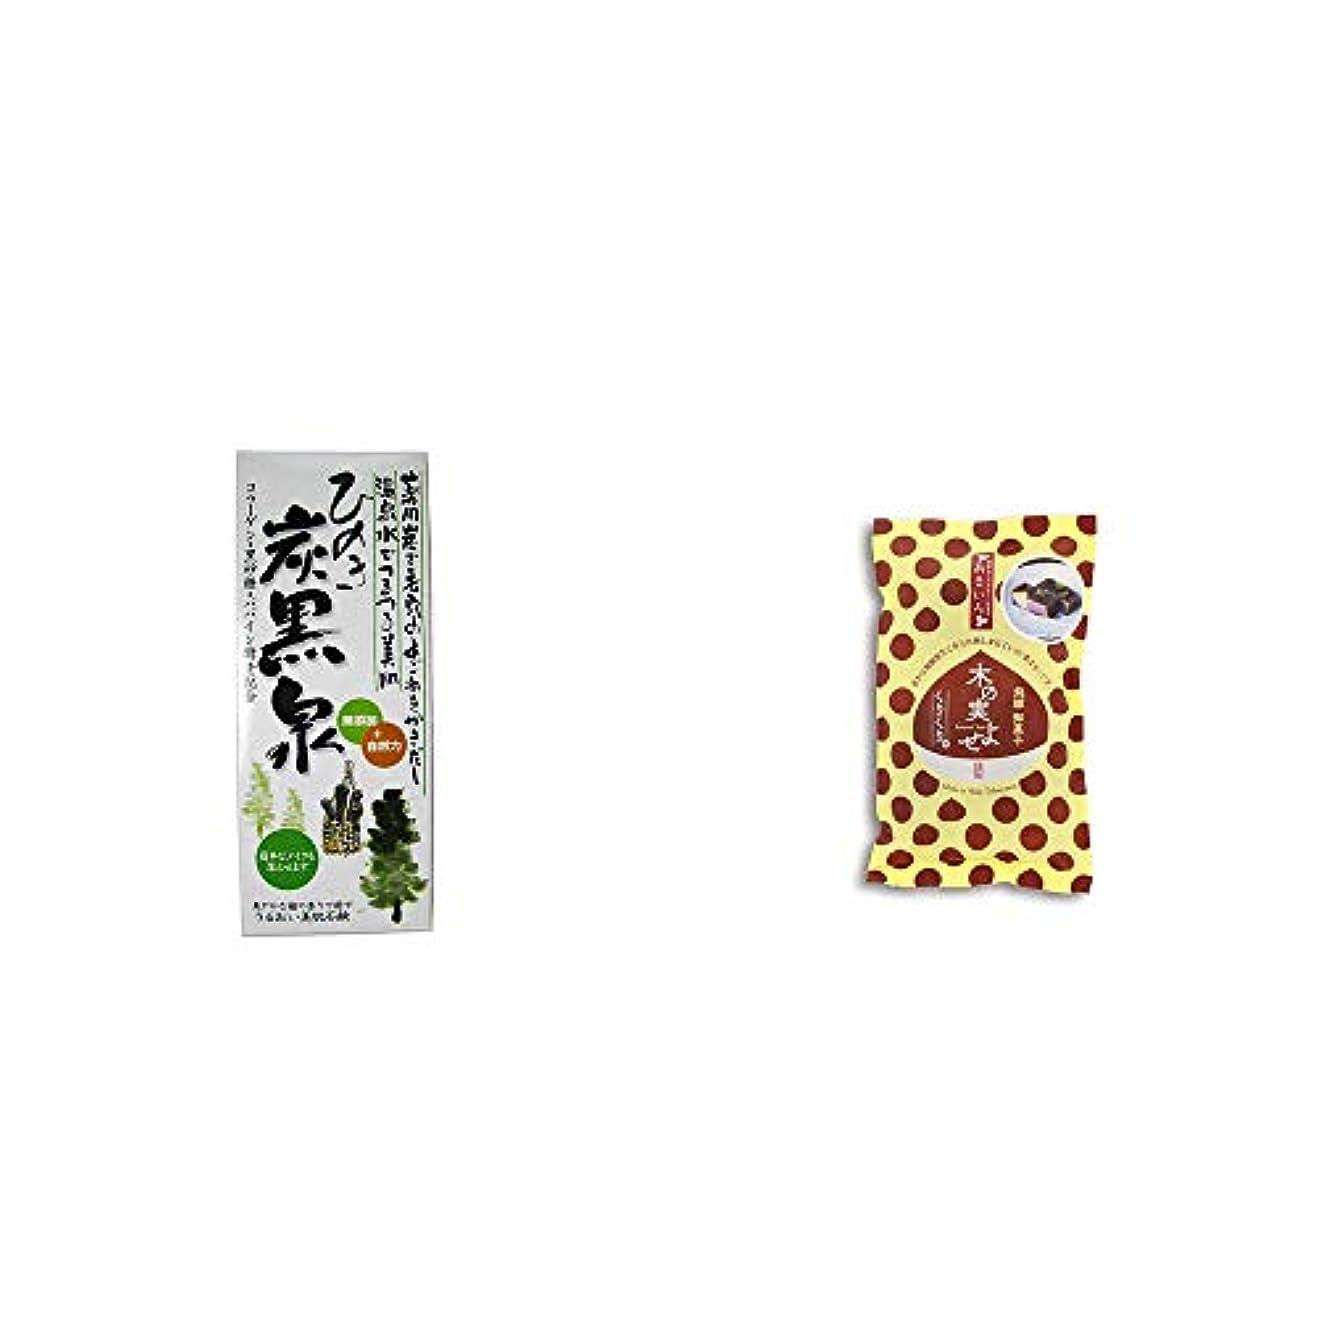 参加者慢服[2点セット] ひのき炭黒泉 箱入り(75g×3)?木の実よせ くりくり味(5個入)